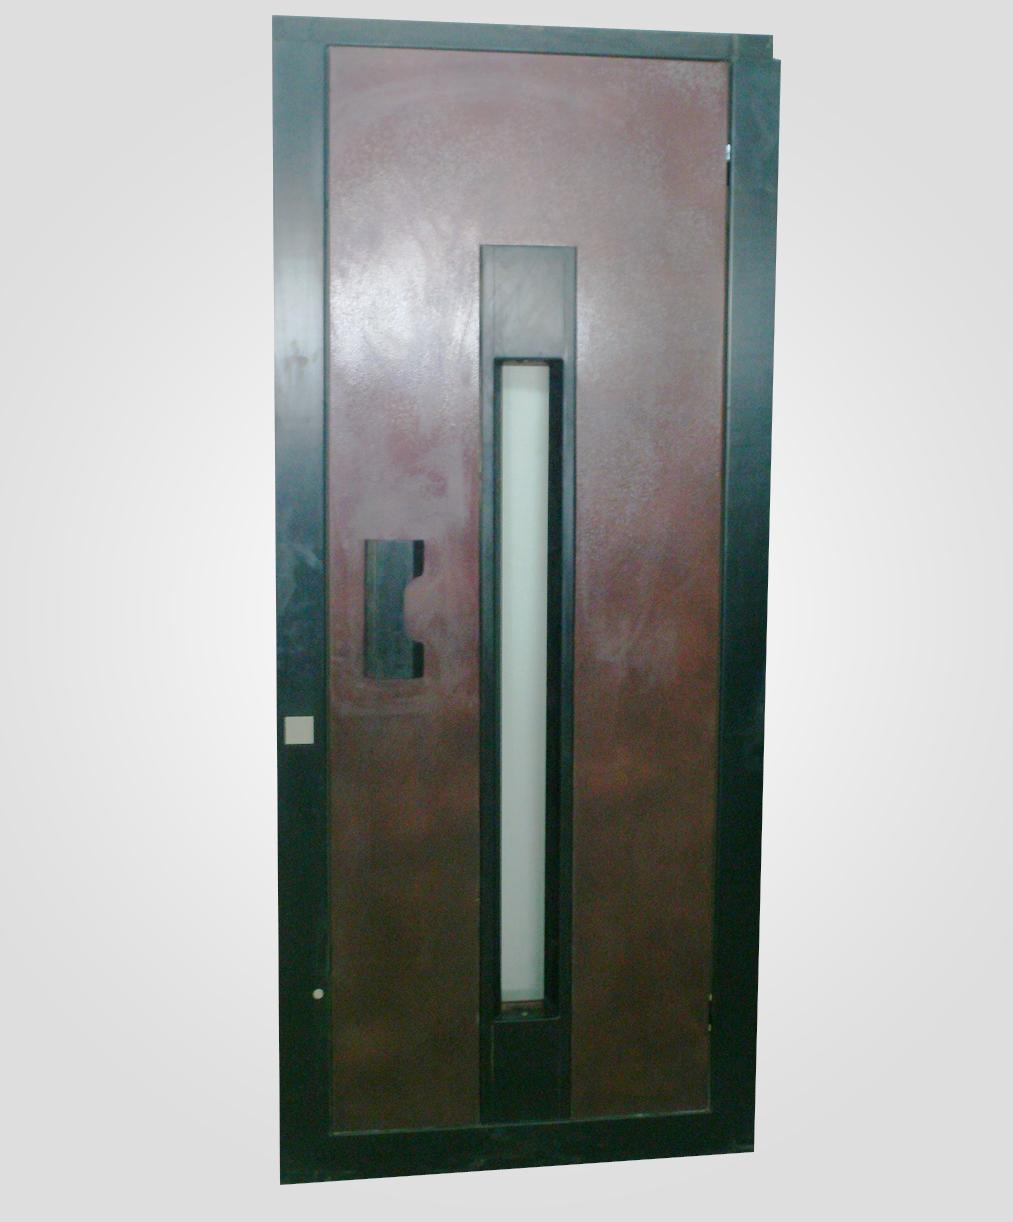 Elevator Door (Type B)